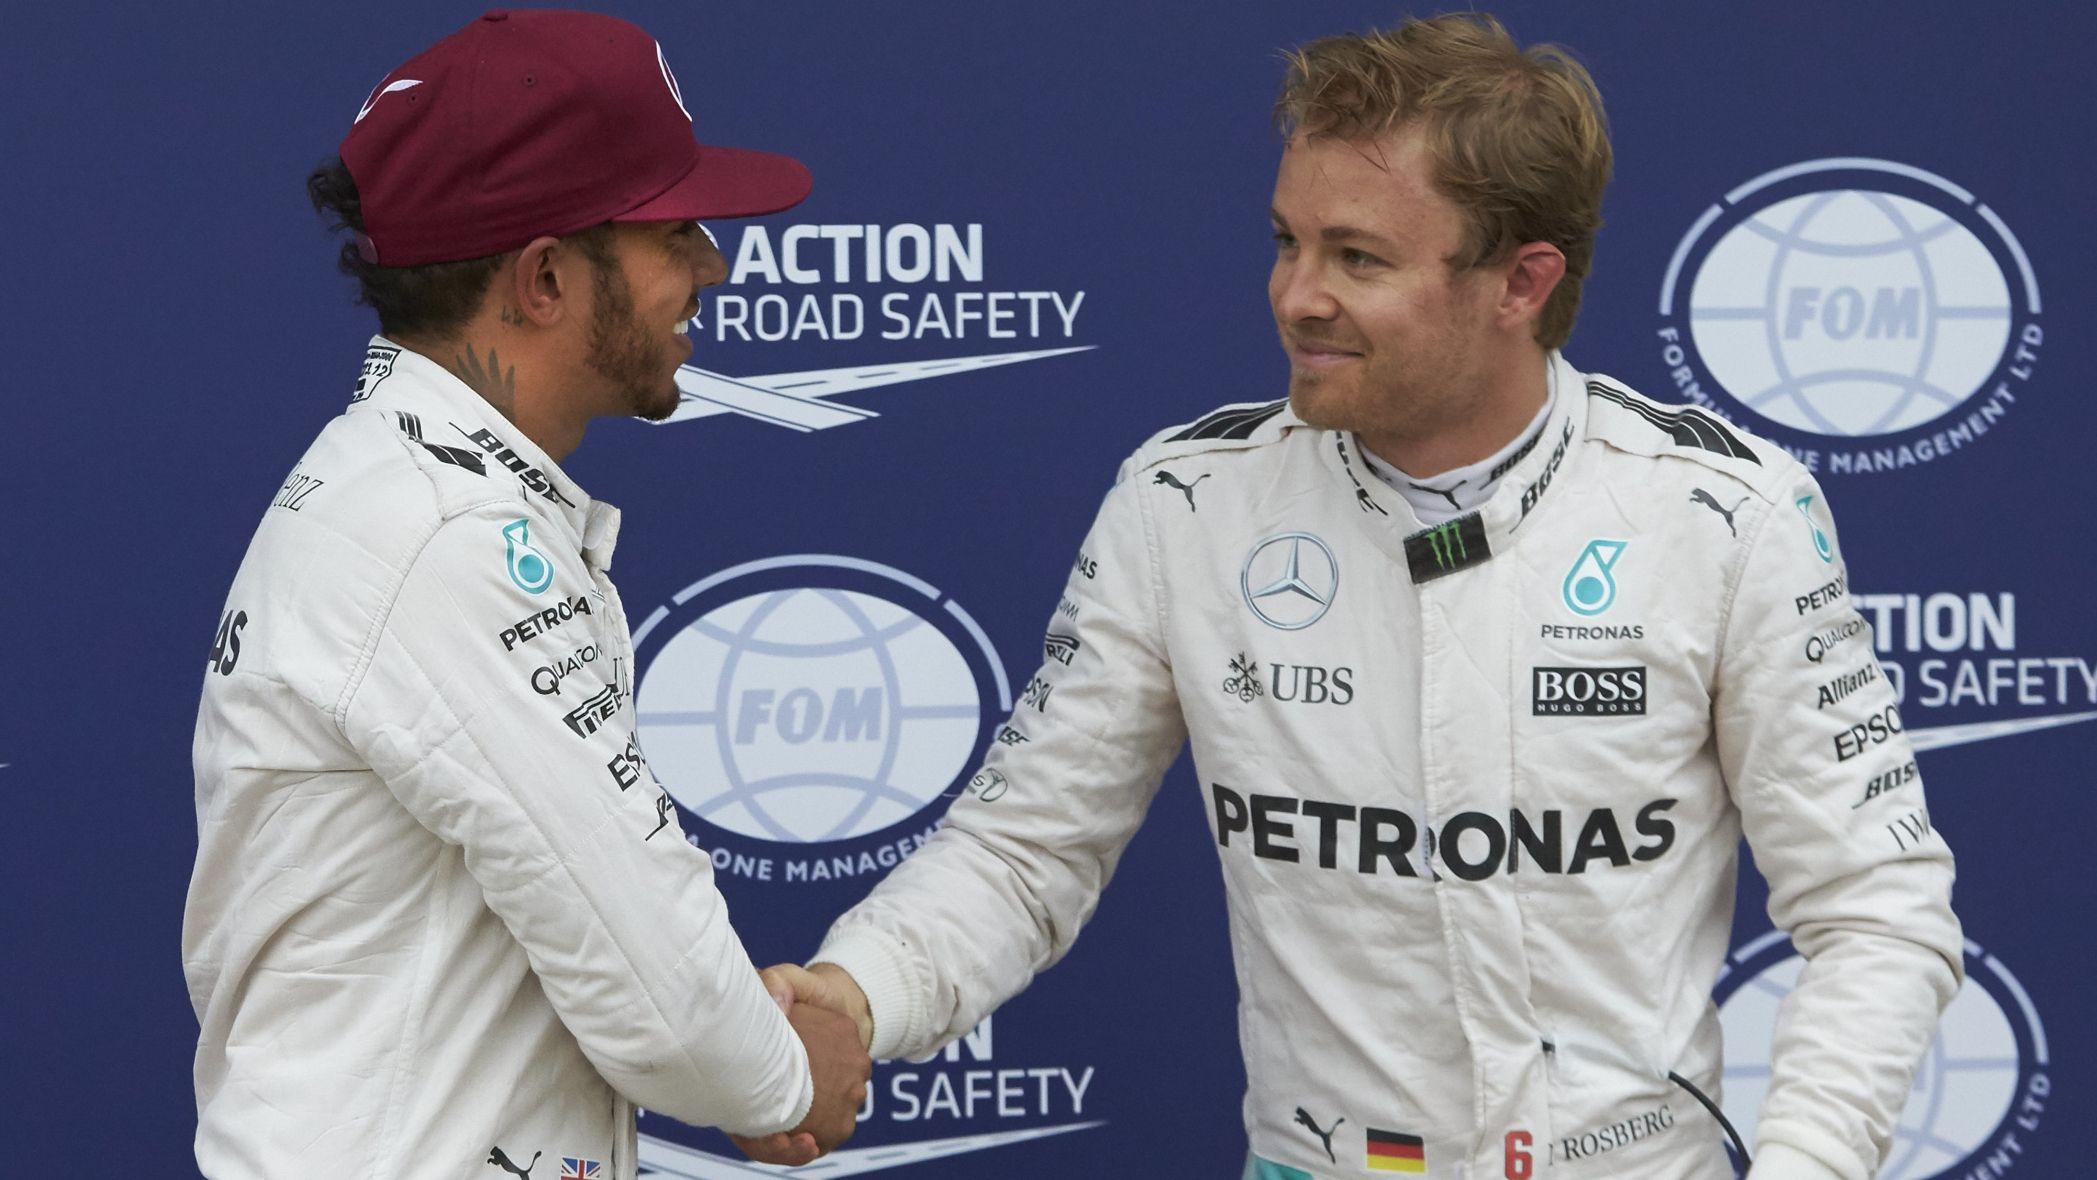 Una stretta di mano tra Nico e Lewis. In caso di duello ravvicinato, domenica, come andrà? (foto da: nesnfuel.com)